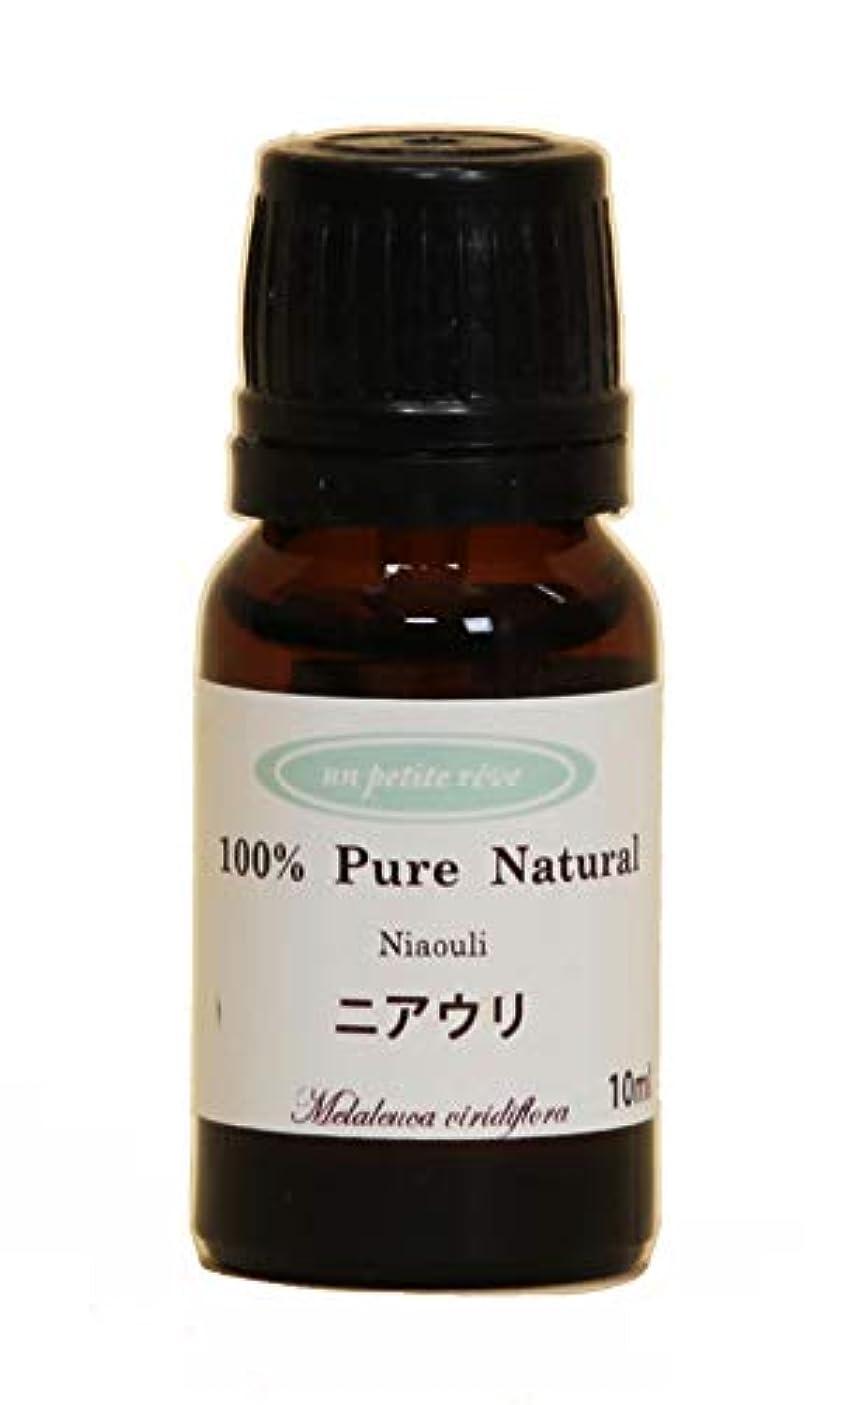 ホバー直感マッシュニアウリ  10ml 100%天然アロマエッセンシャルオイル(精油)